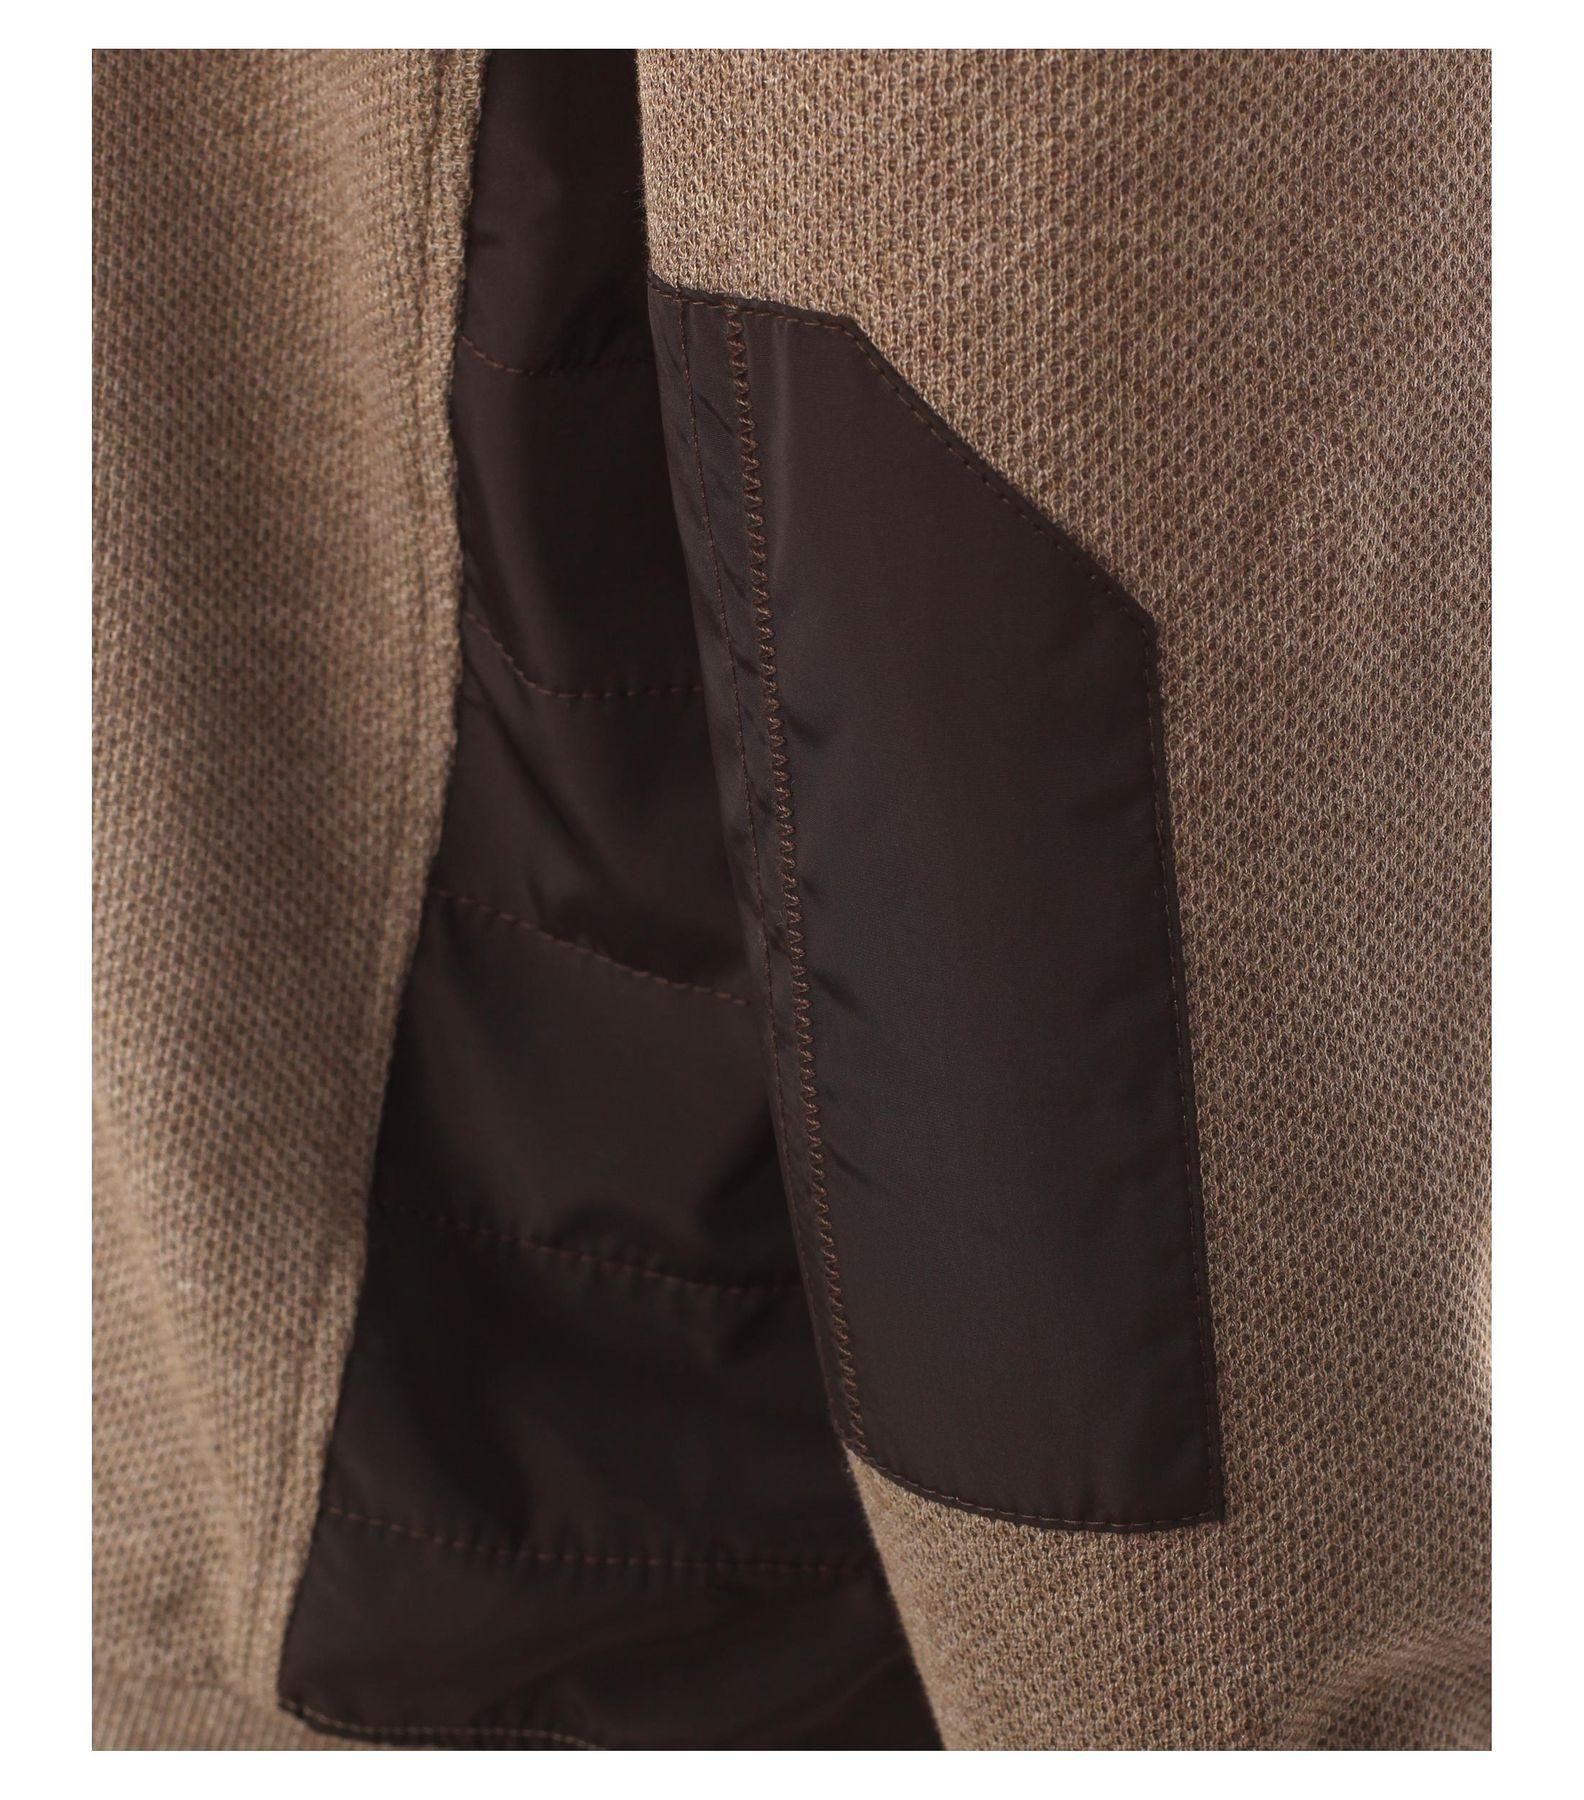 Casa Moda - Herren Sweat-Troyer mit Ellenbogen-Patches und Stickerei auf der Brust in Blau und Braun (472625900A) – Bild 5